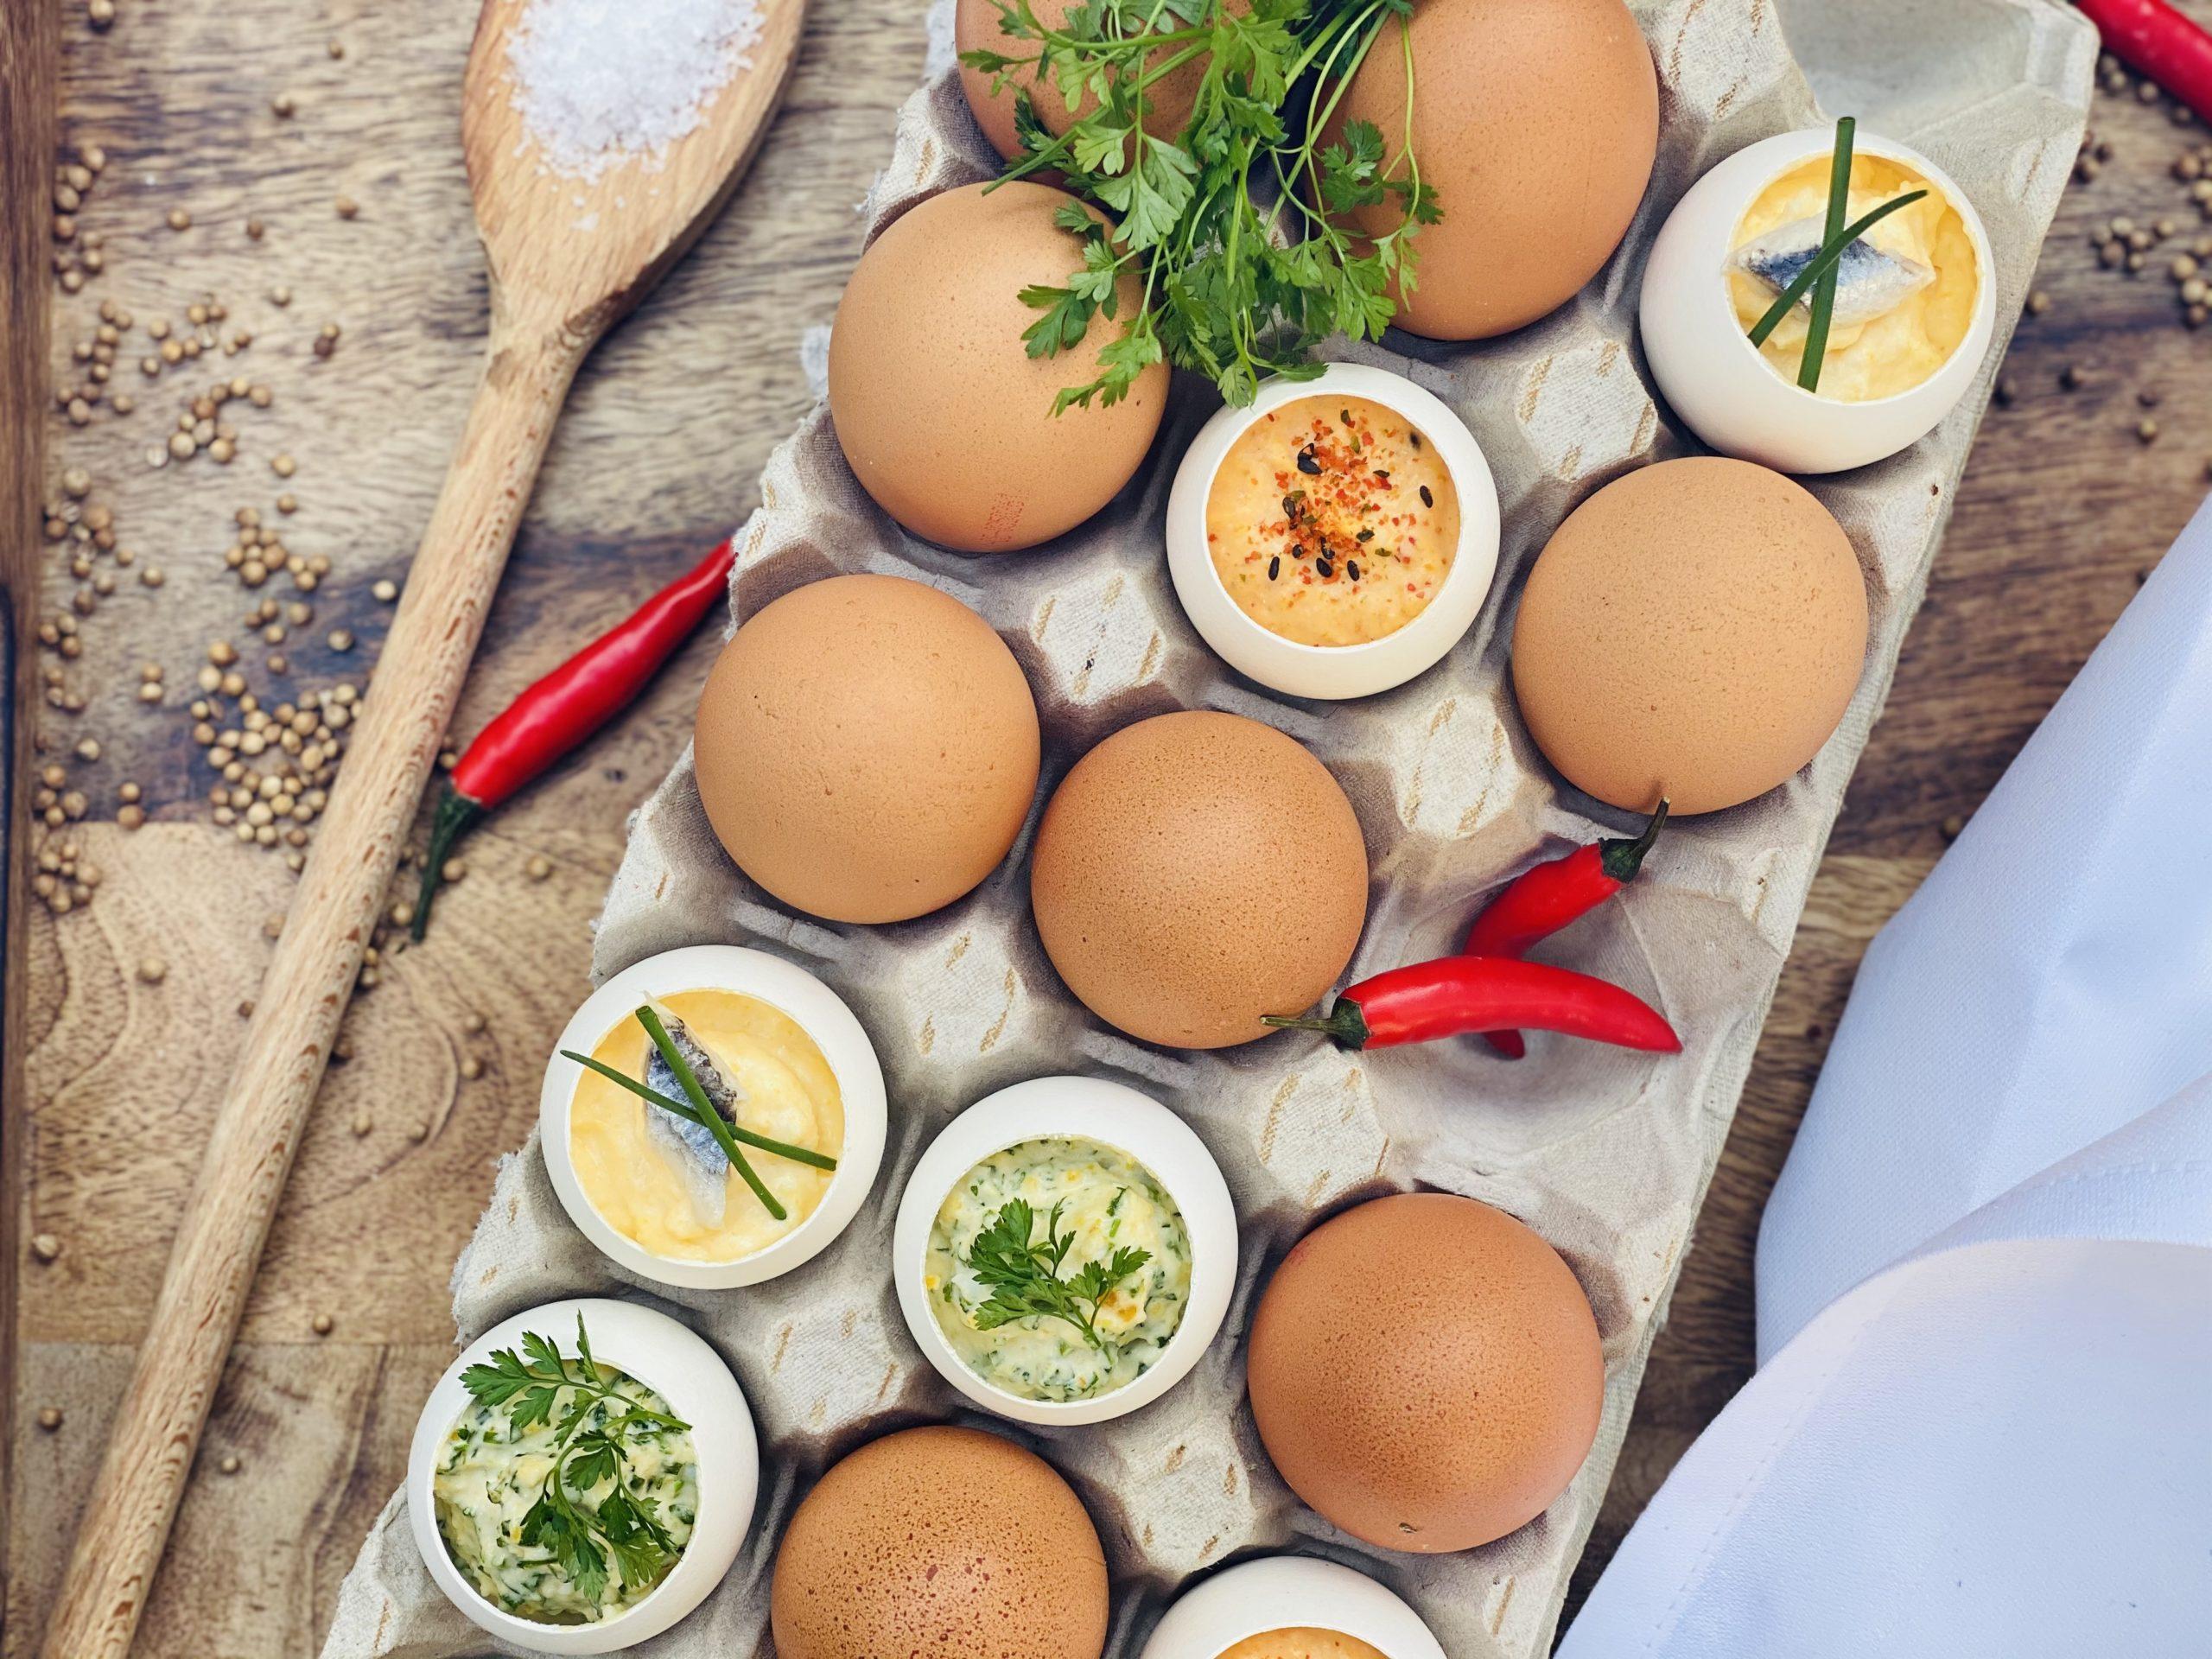 Dreierlei gefüllte Eier, Gefüllte Eier, Rezept, Vorspeise, Osteressen, Ostern, Ostermenü, Bissfest, Kochcast, BISSFEST - Der Kochcast